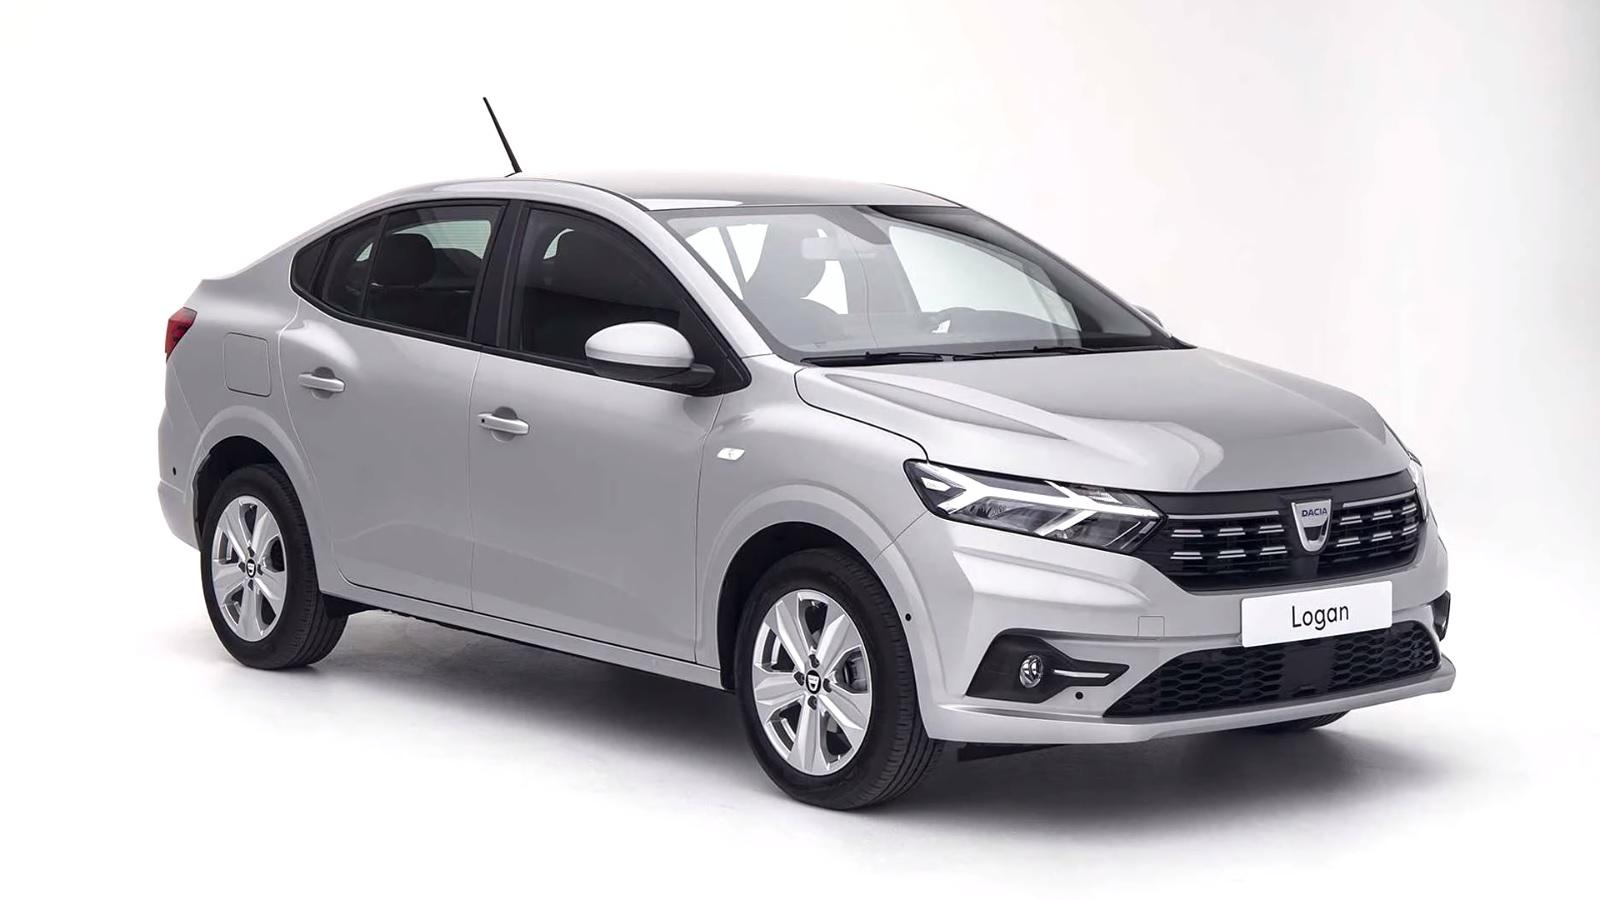 2020_Dacia_Logan_0000